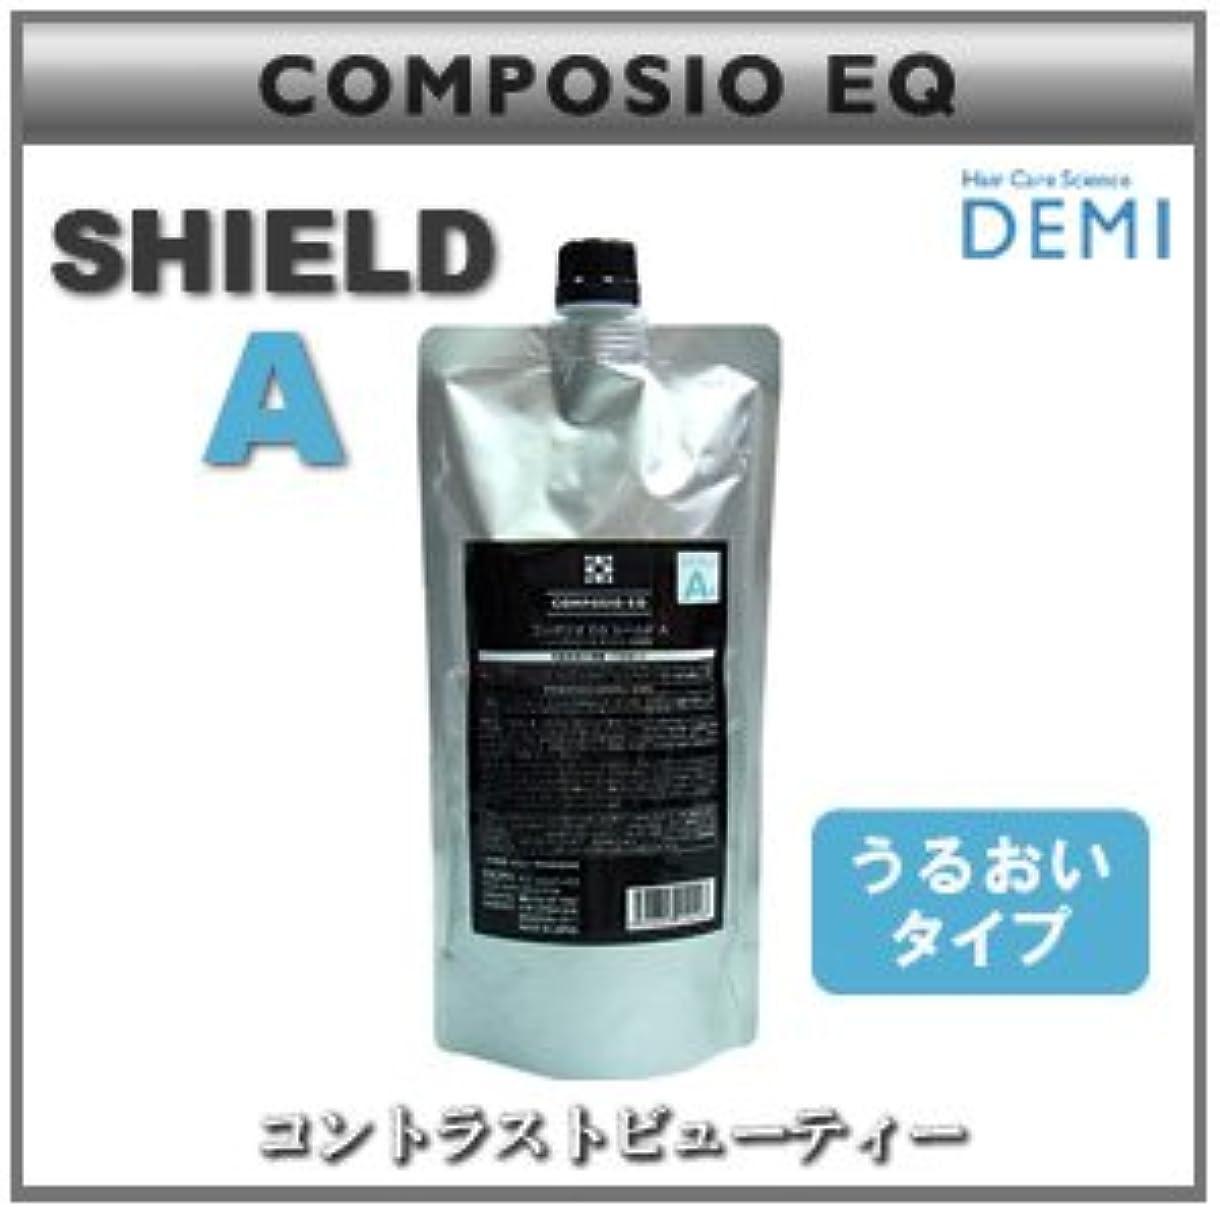 フルートキャメル購入【x3個セット】 デミ コンポジオ EQ シールド A 450g